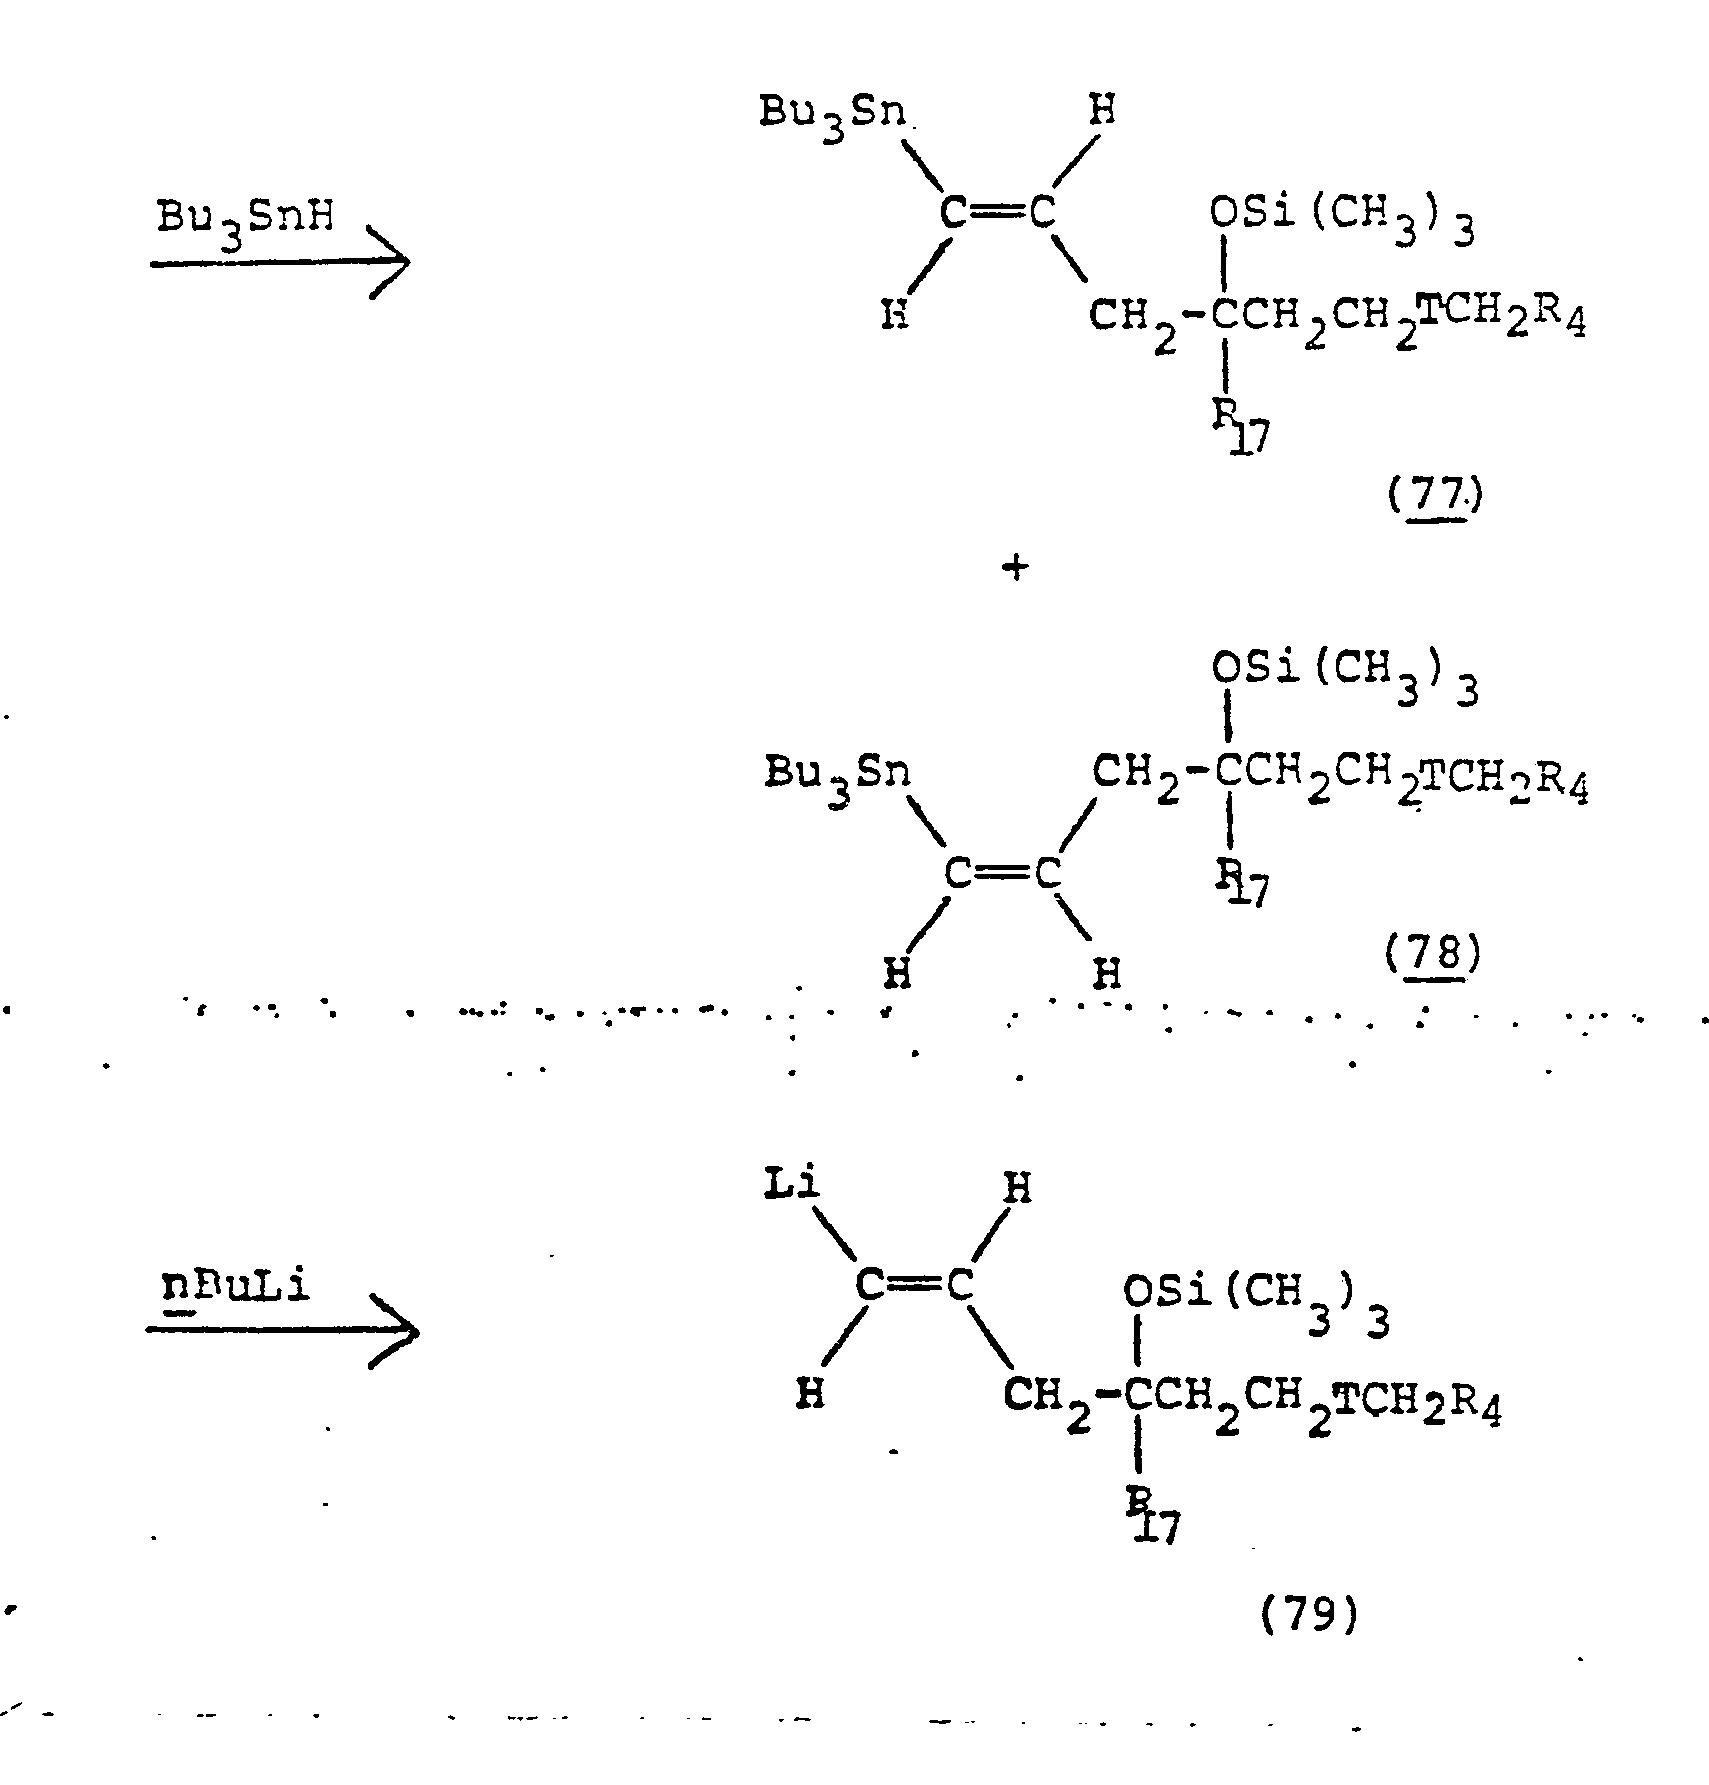 ep0015056a1 1 hydroxymethyl 1